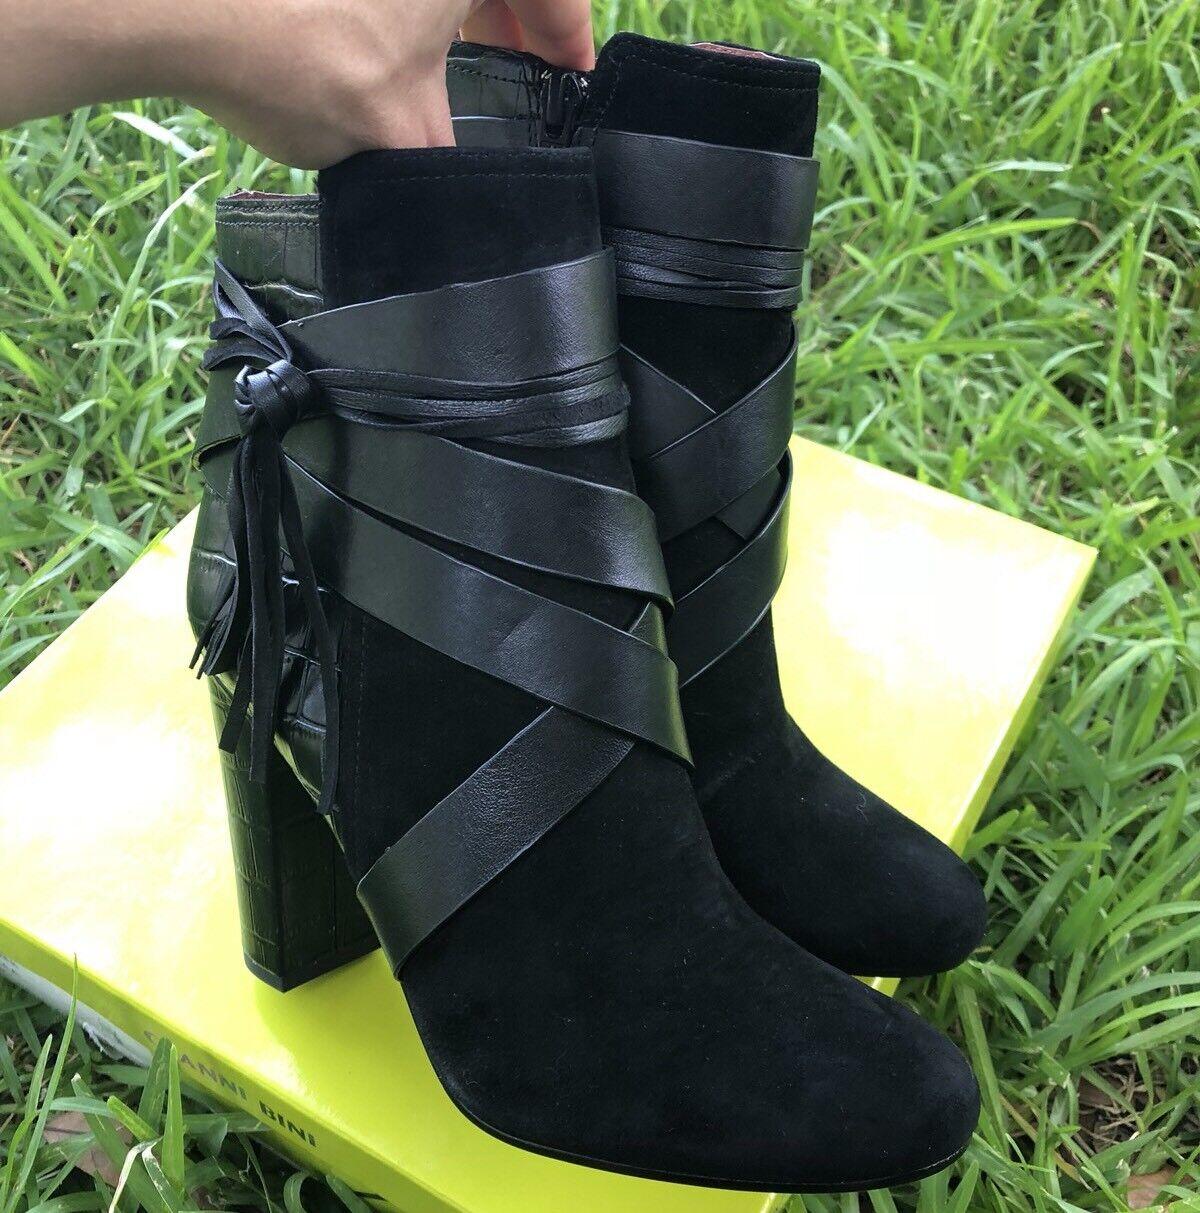 Gianni Bini Leather Gladiator Strappy stivali stivali stivali avvioies High Heel scarpe 7M nero 82ccc7